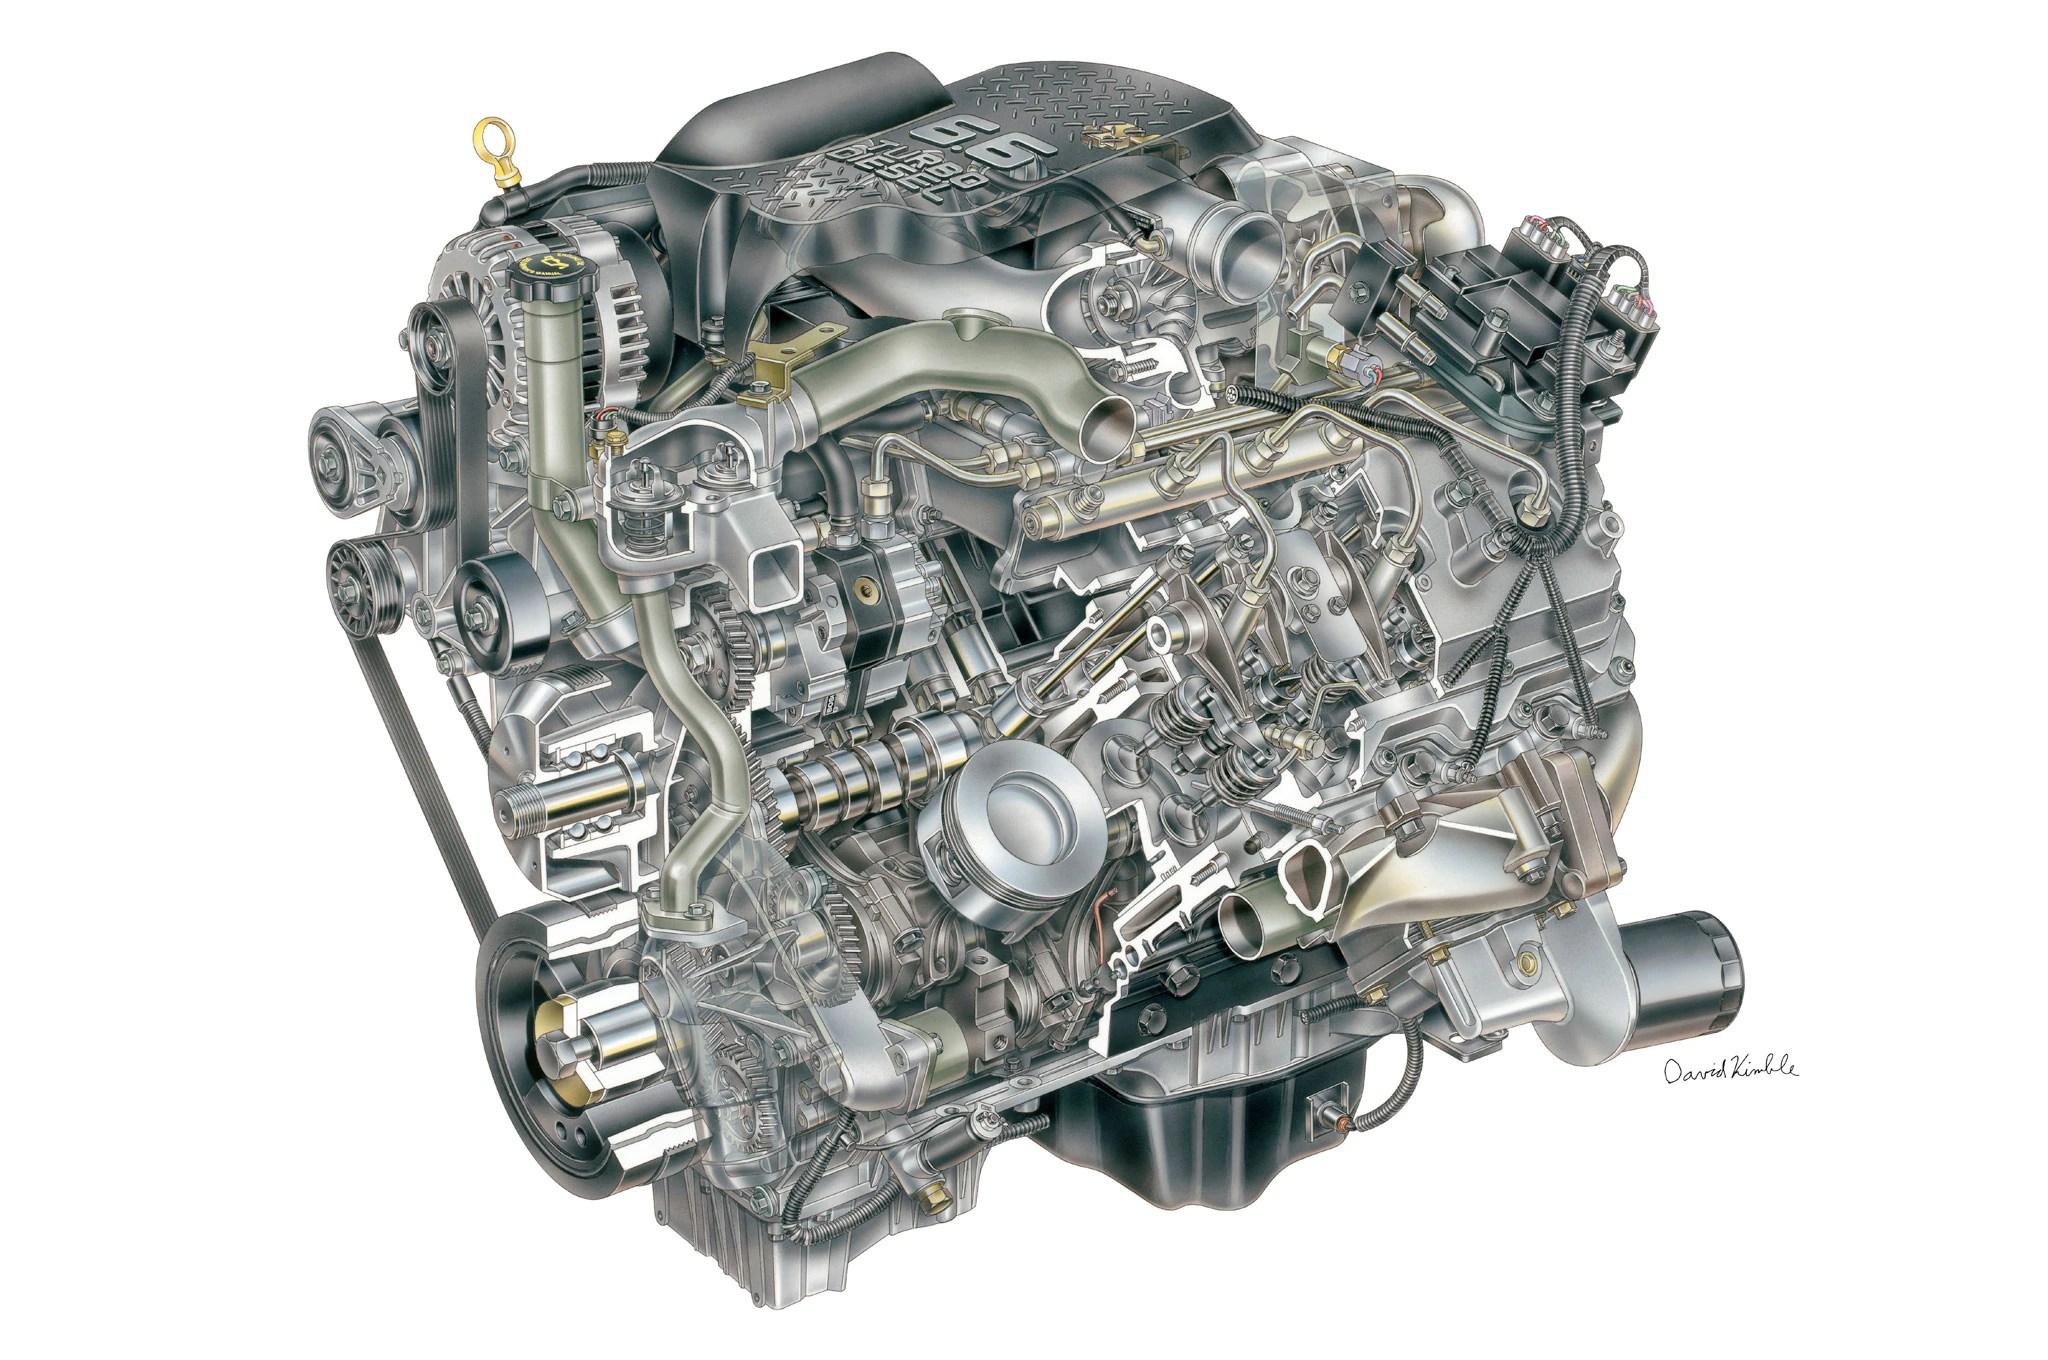 medium resolution of engine diagram 05 6 6 duramax